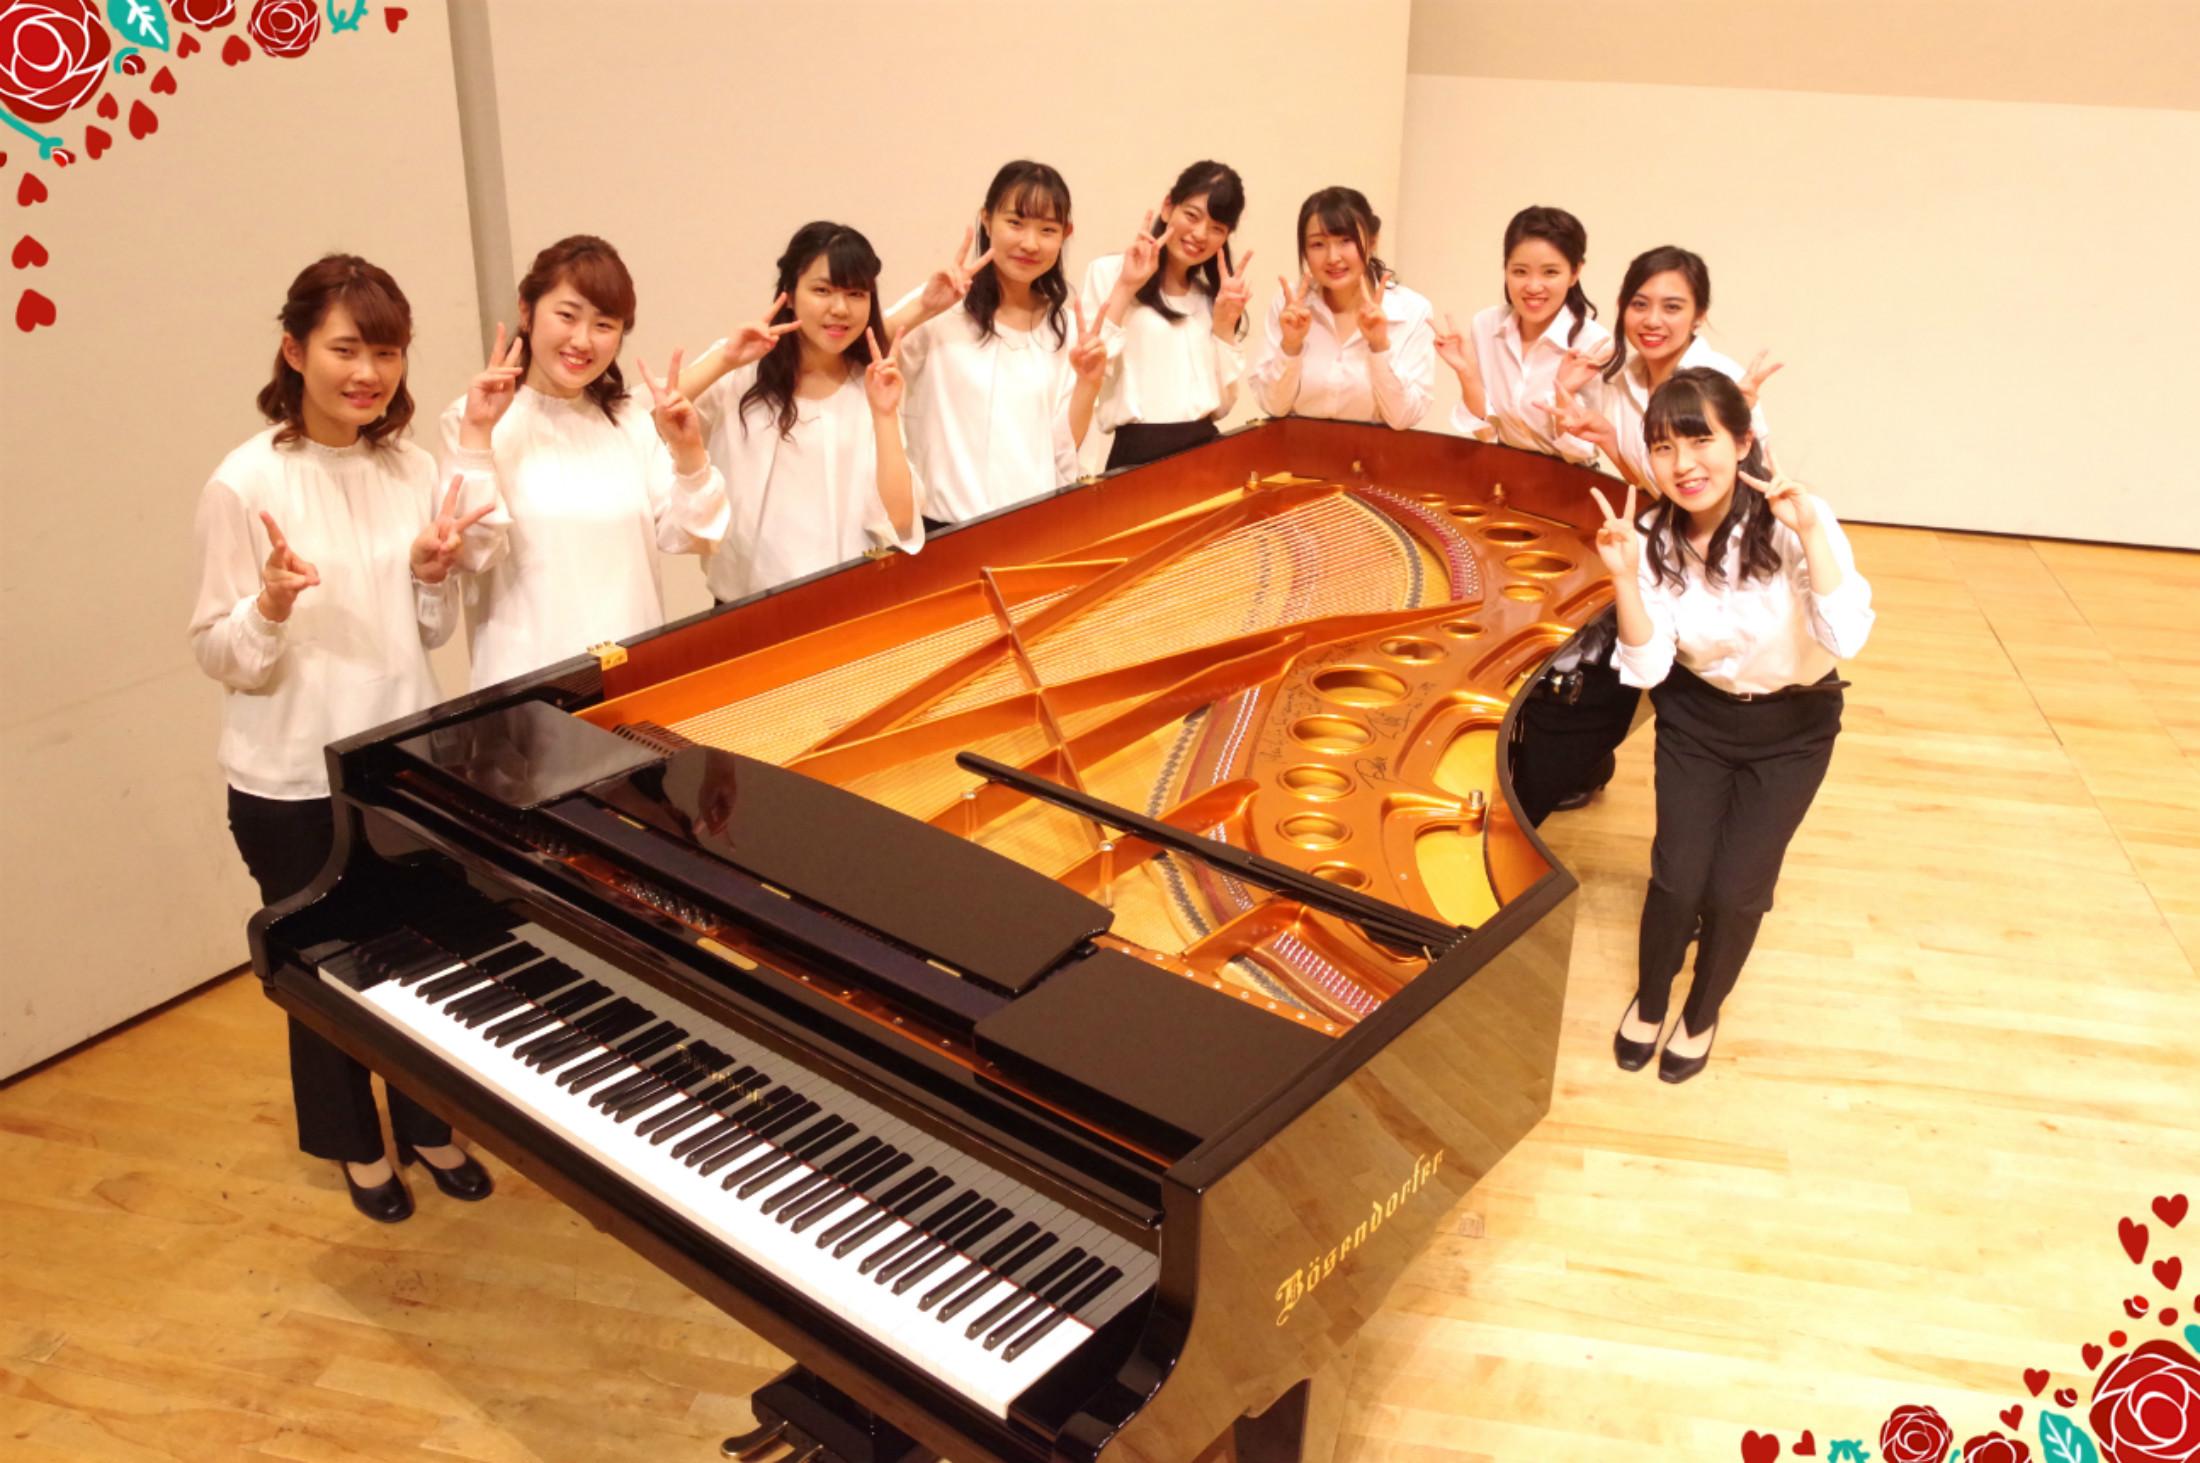 憧れのピアノ演奏会!